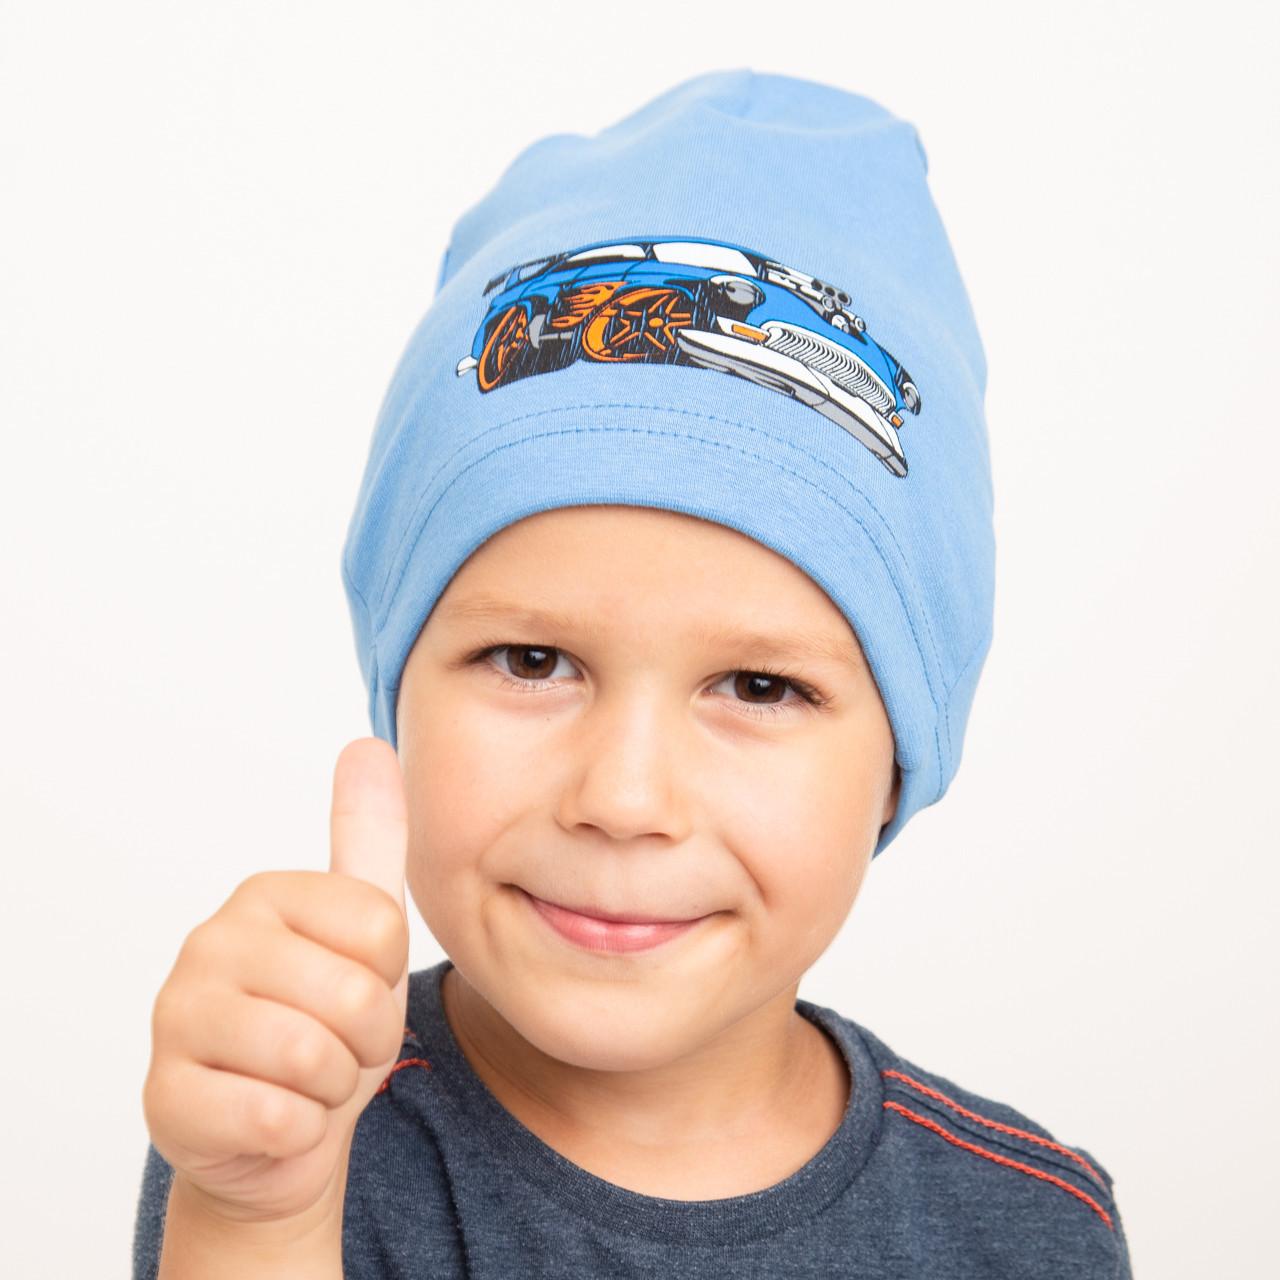 Хлопковая весенняя шапка для мальчика - Арт 2295